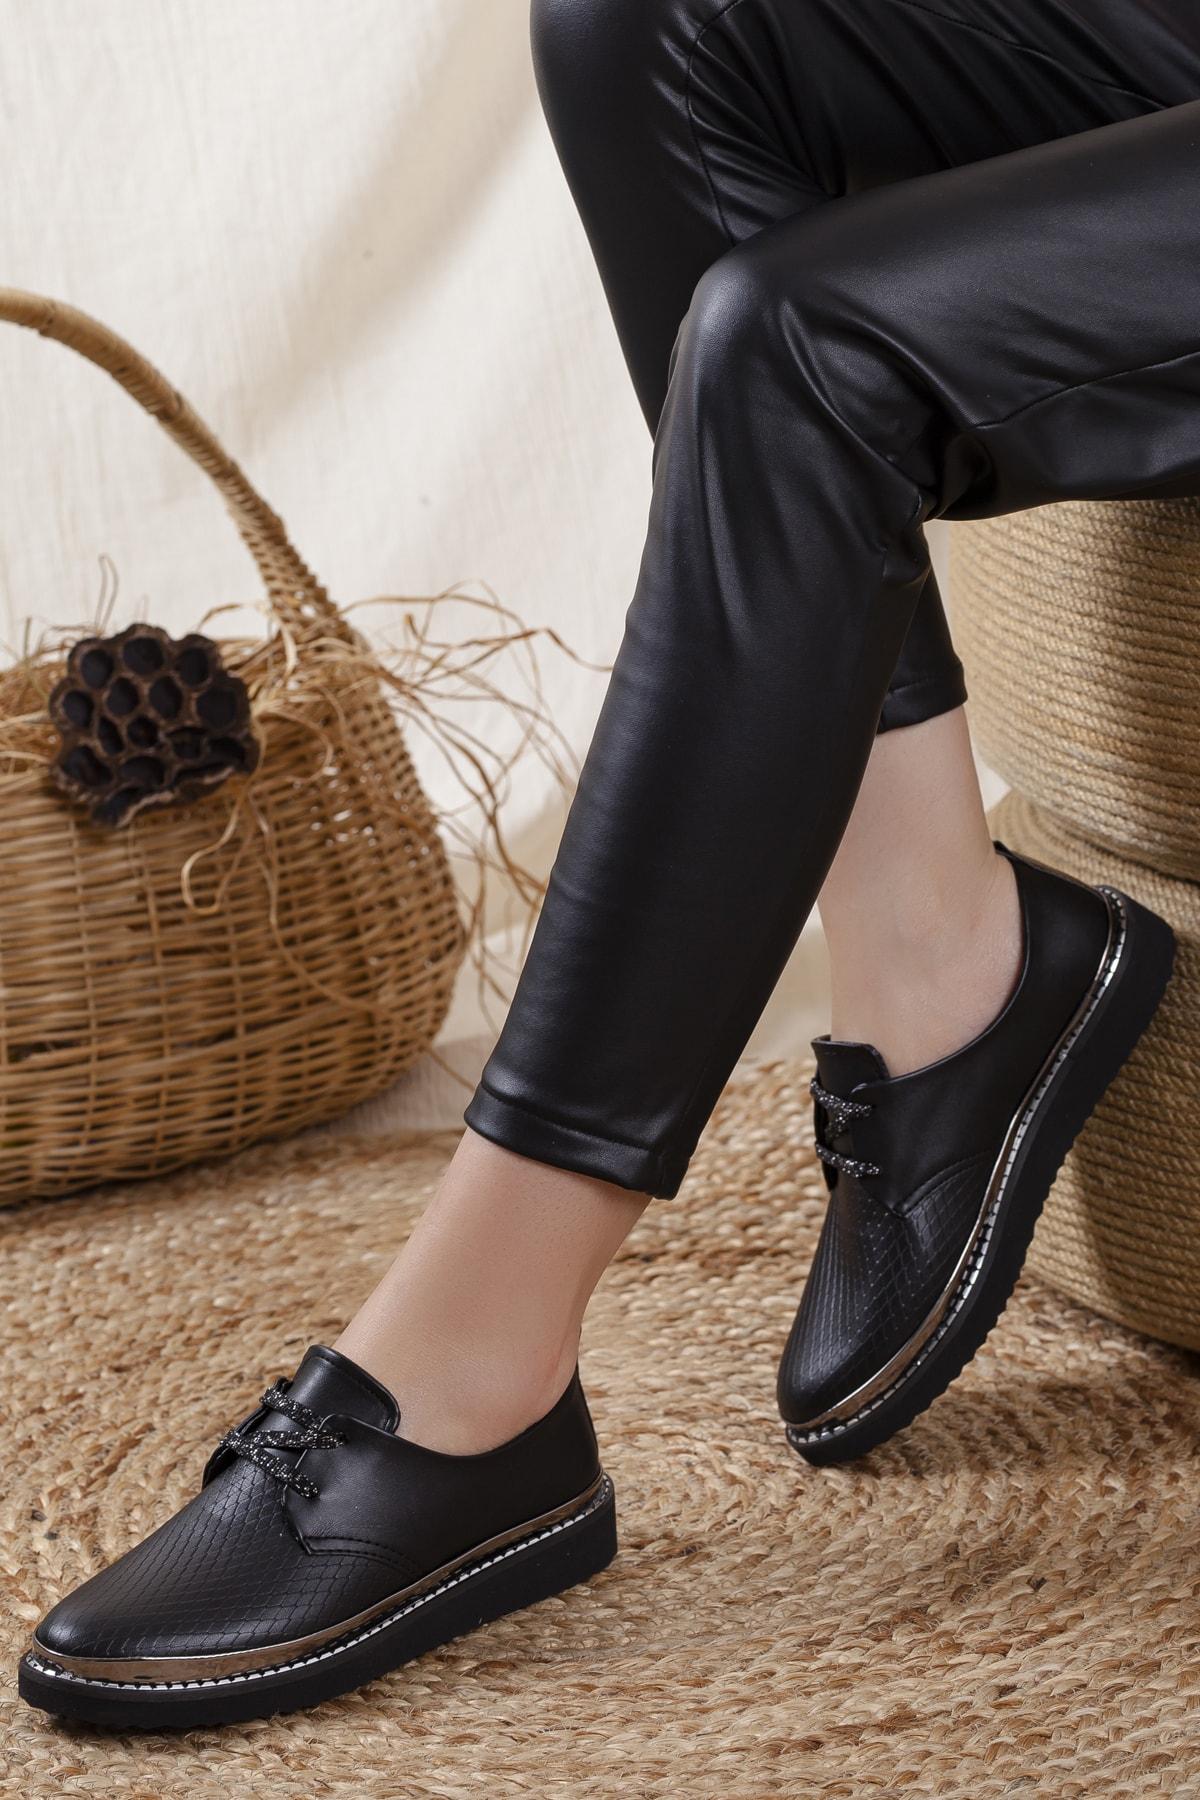 Kadın Siyah Timsah Derisi Detaylı Casual Ayakkabı